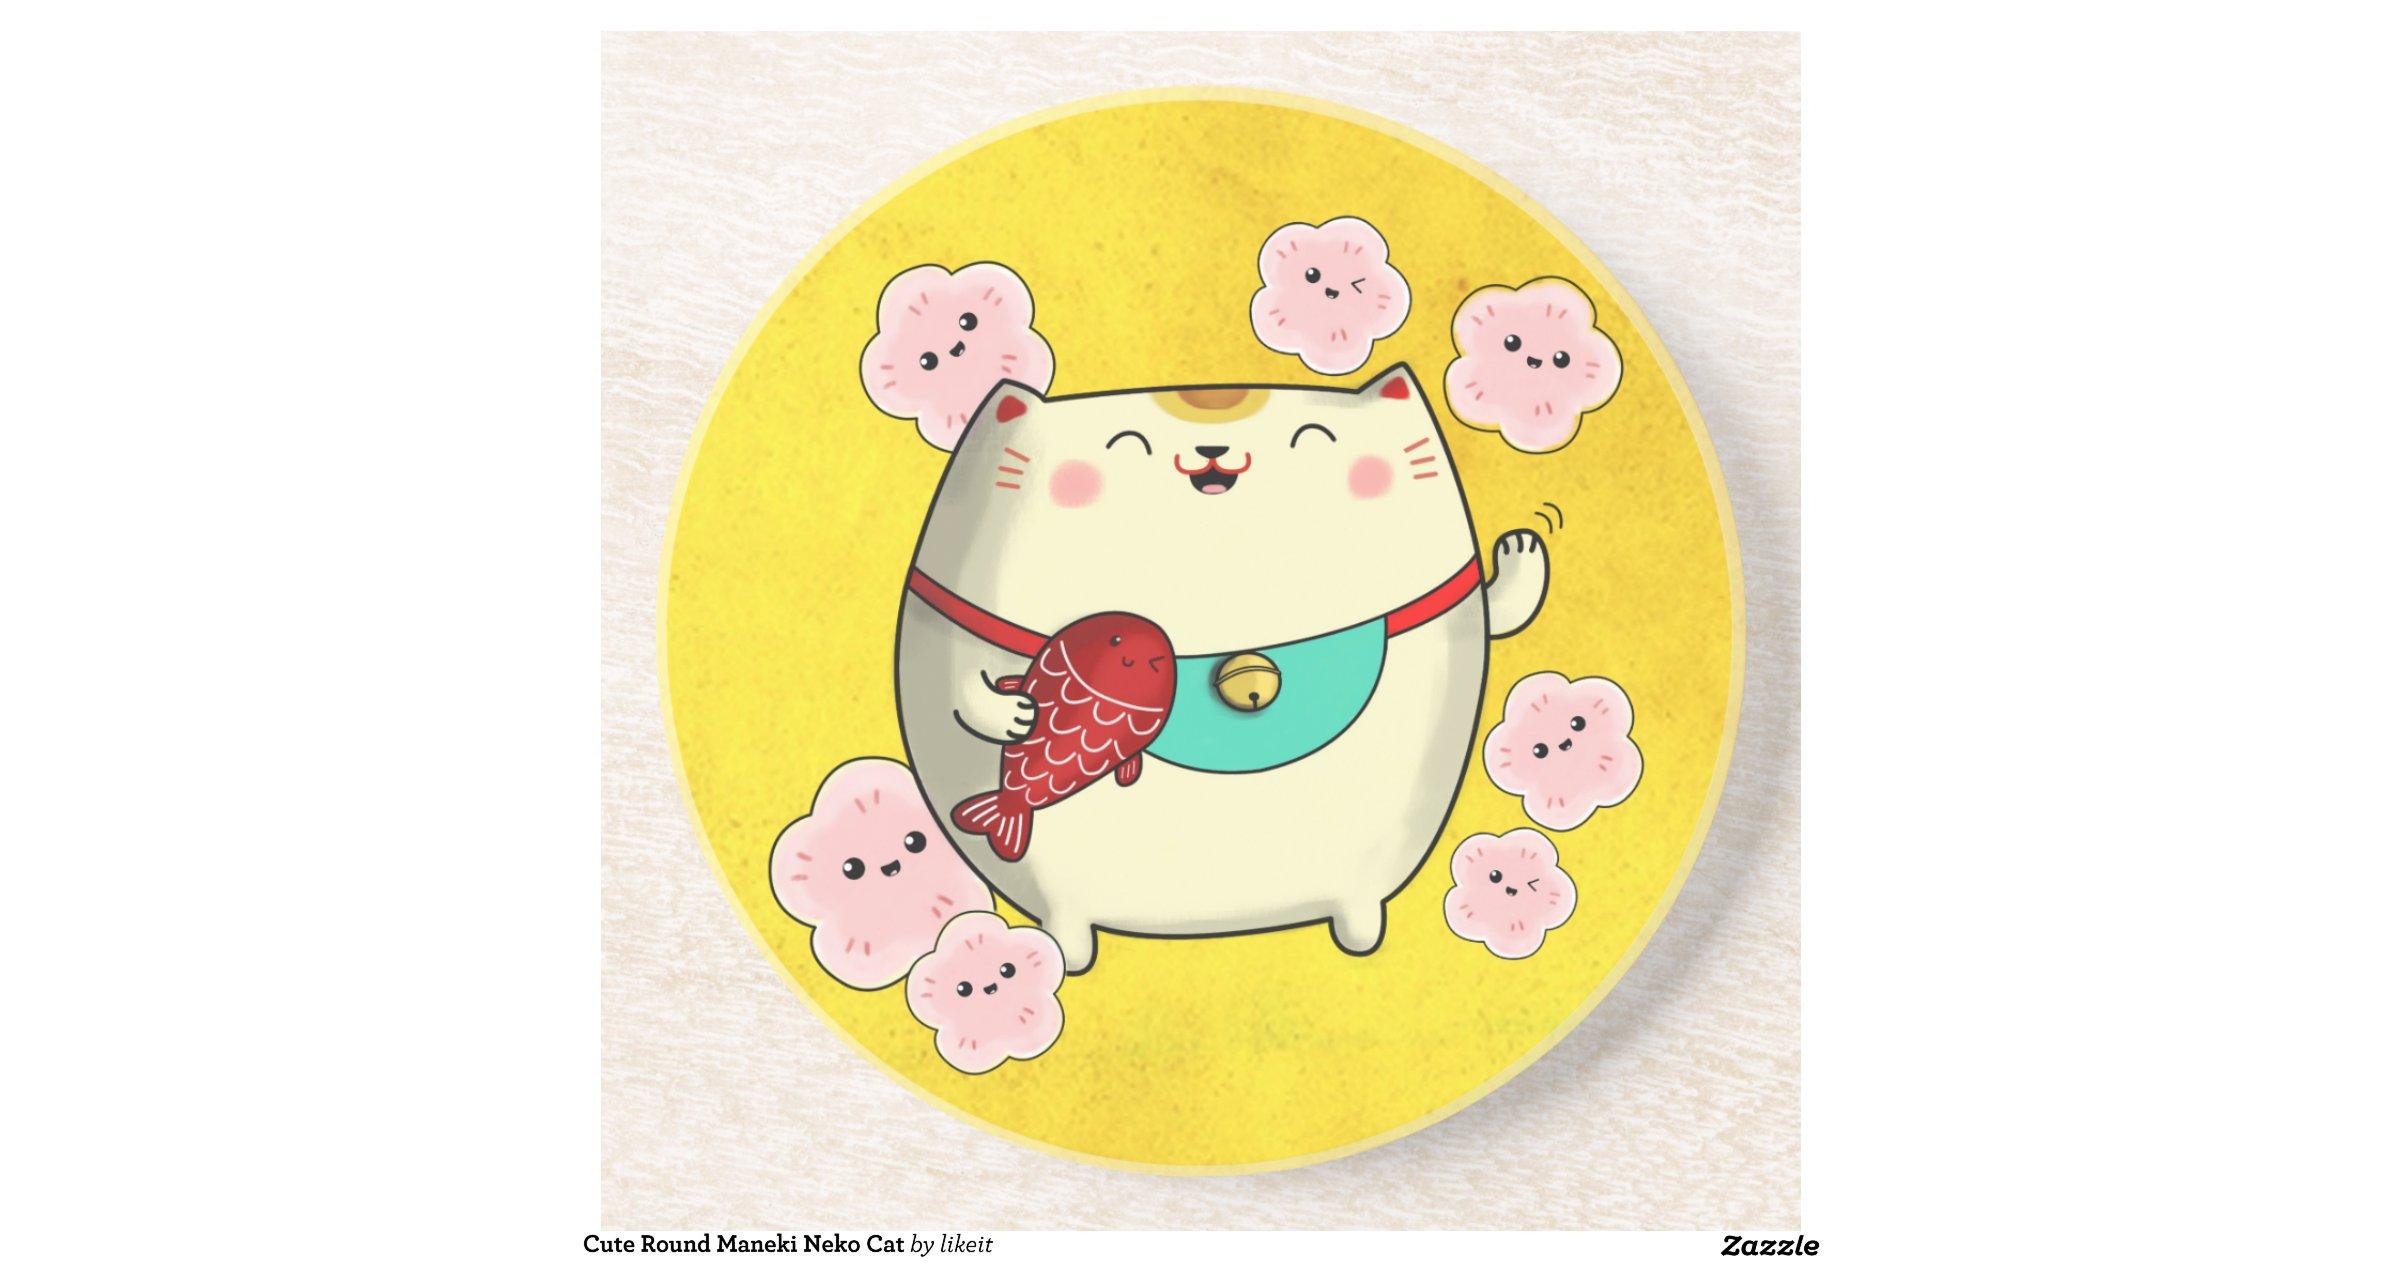 Cute Round Maneki Neko Cat Drink Coasters Zazzle